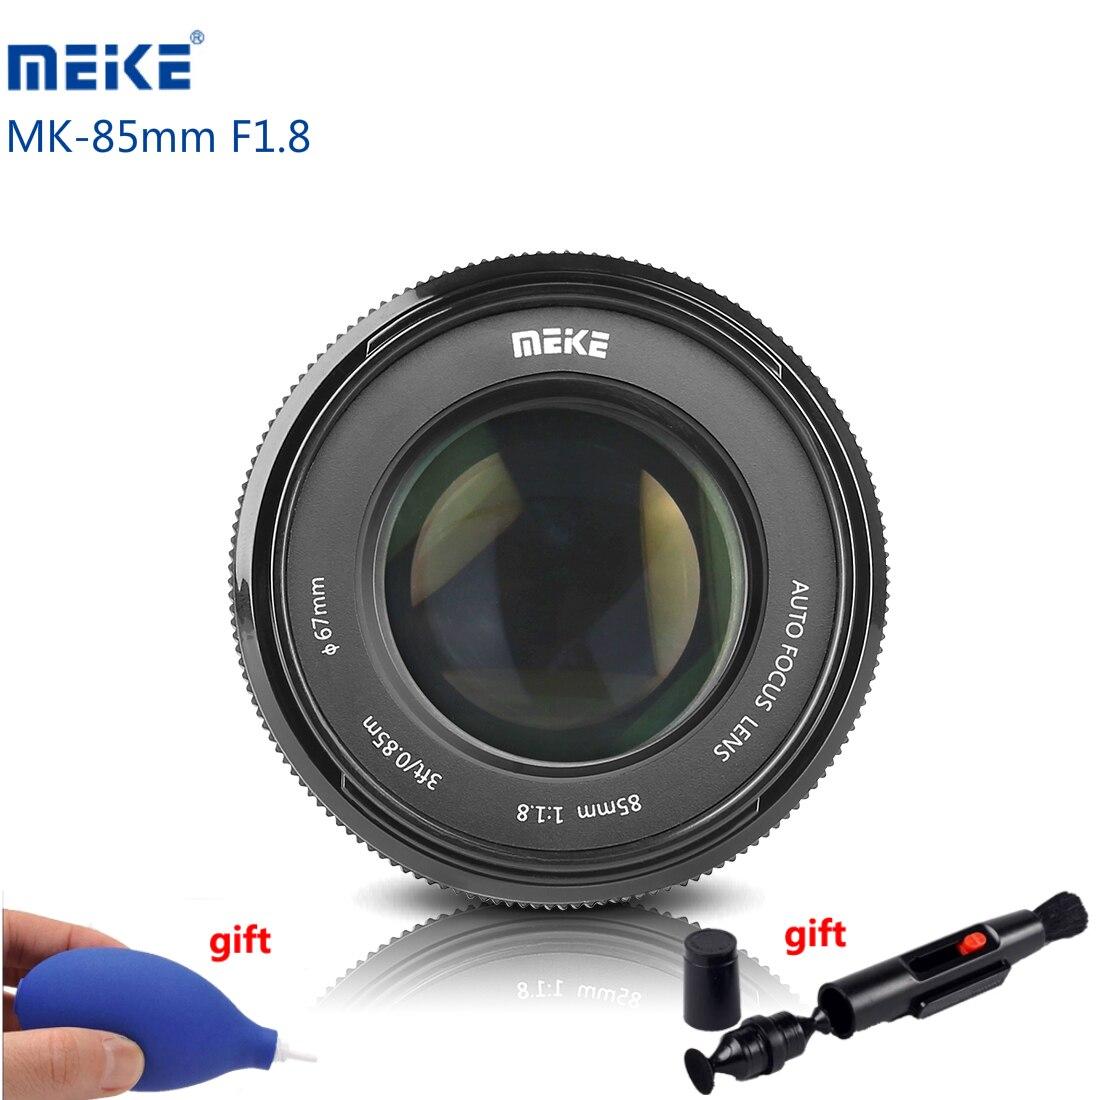 Meike Camera Lens MK 85mm F1.8 F/1.8 Auto Focus Full Frame DSLR Lens for Canon Lens EOS EF Mount Lens 6D 600D 80D 5D Lentes